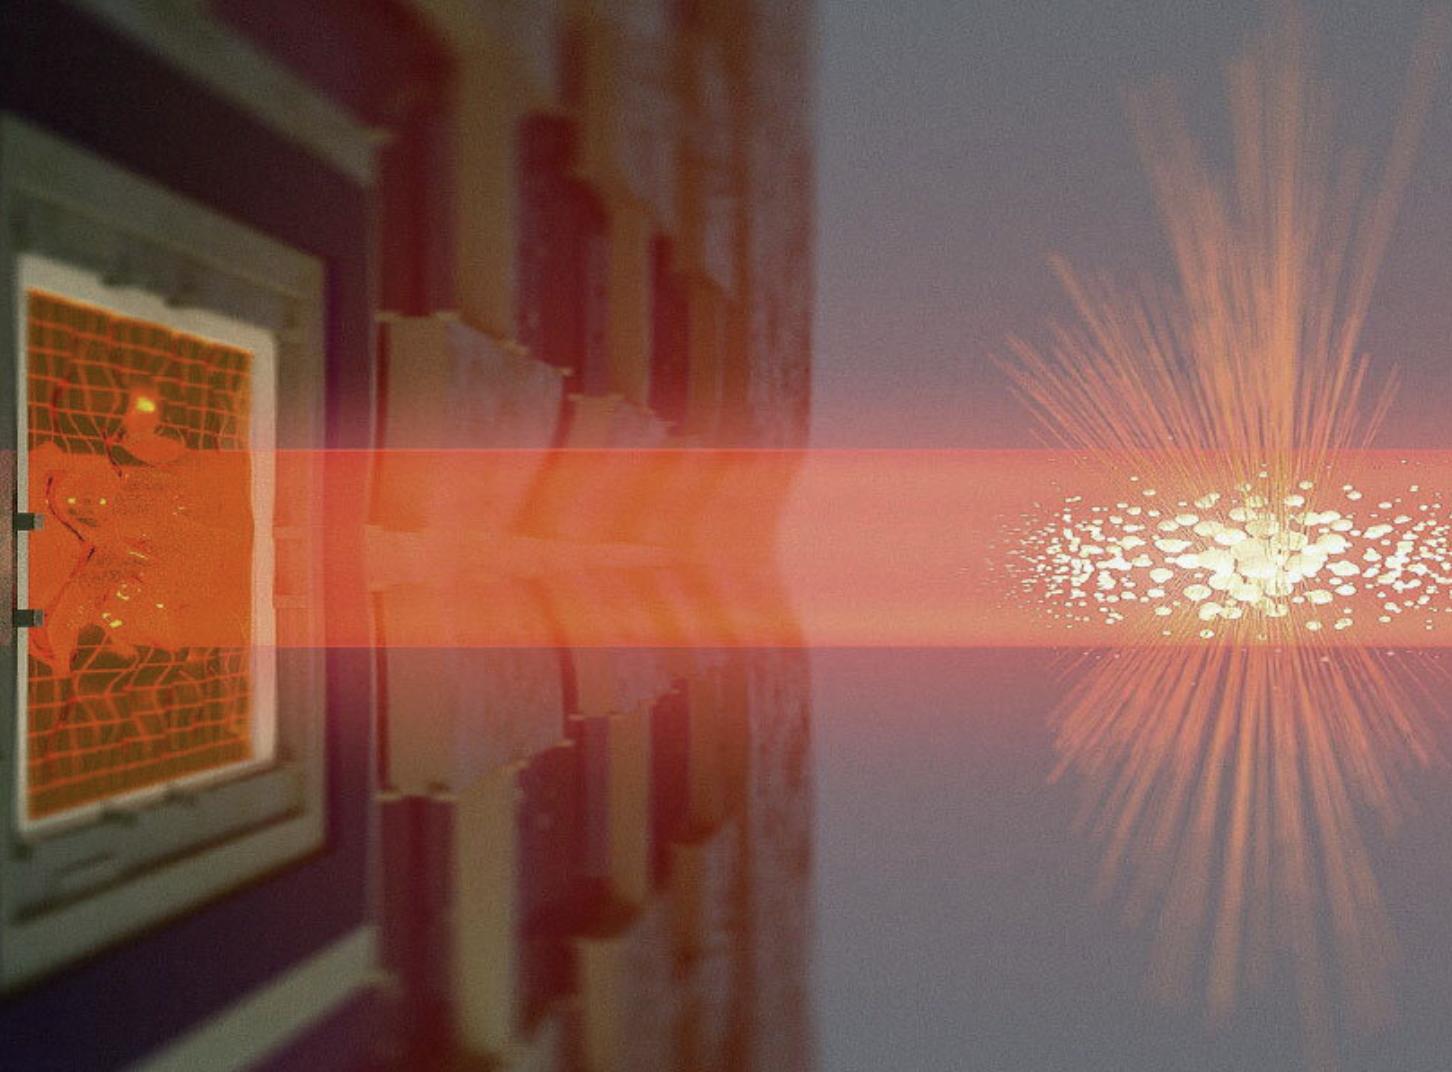 Logran entrelazamiento cuántico entre dos objetos grandes y distantes